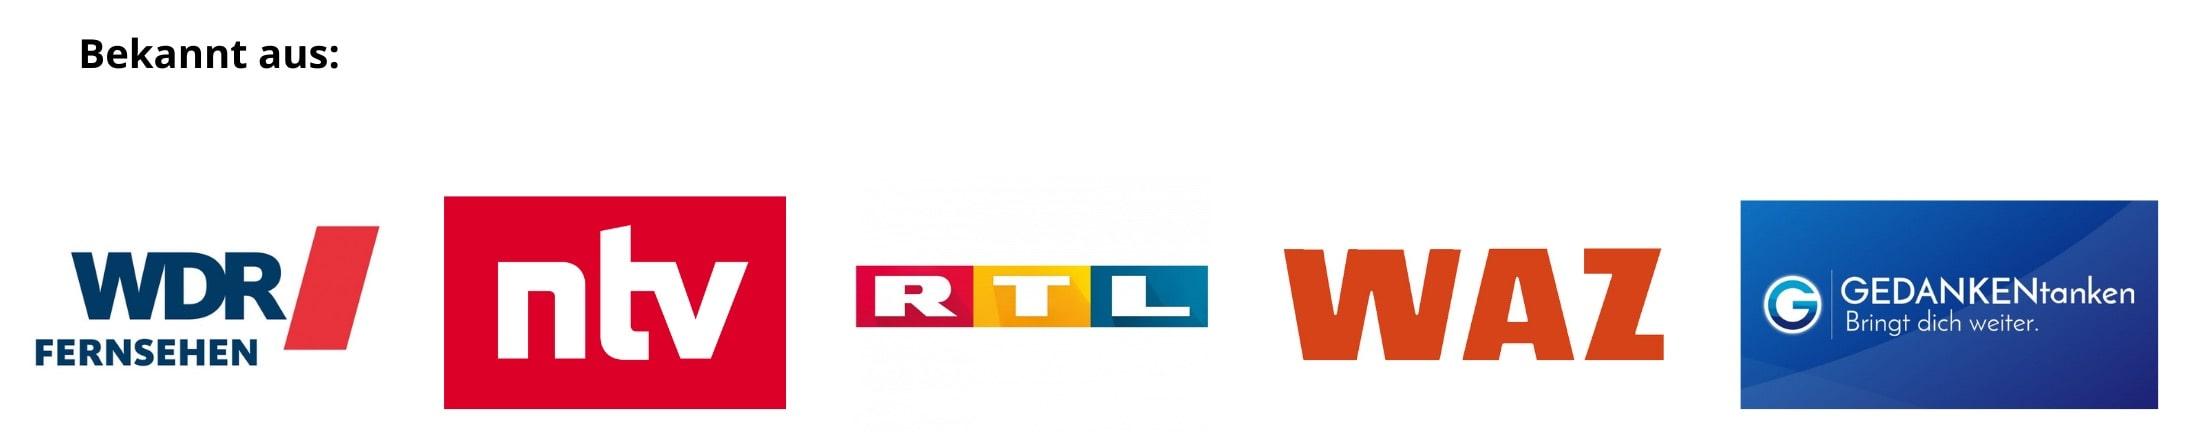 Logo von wdr, ntv, rtl, waz, gedankentanken